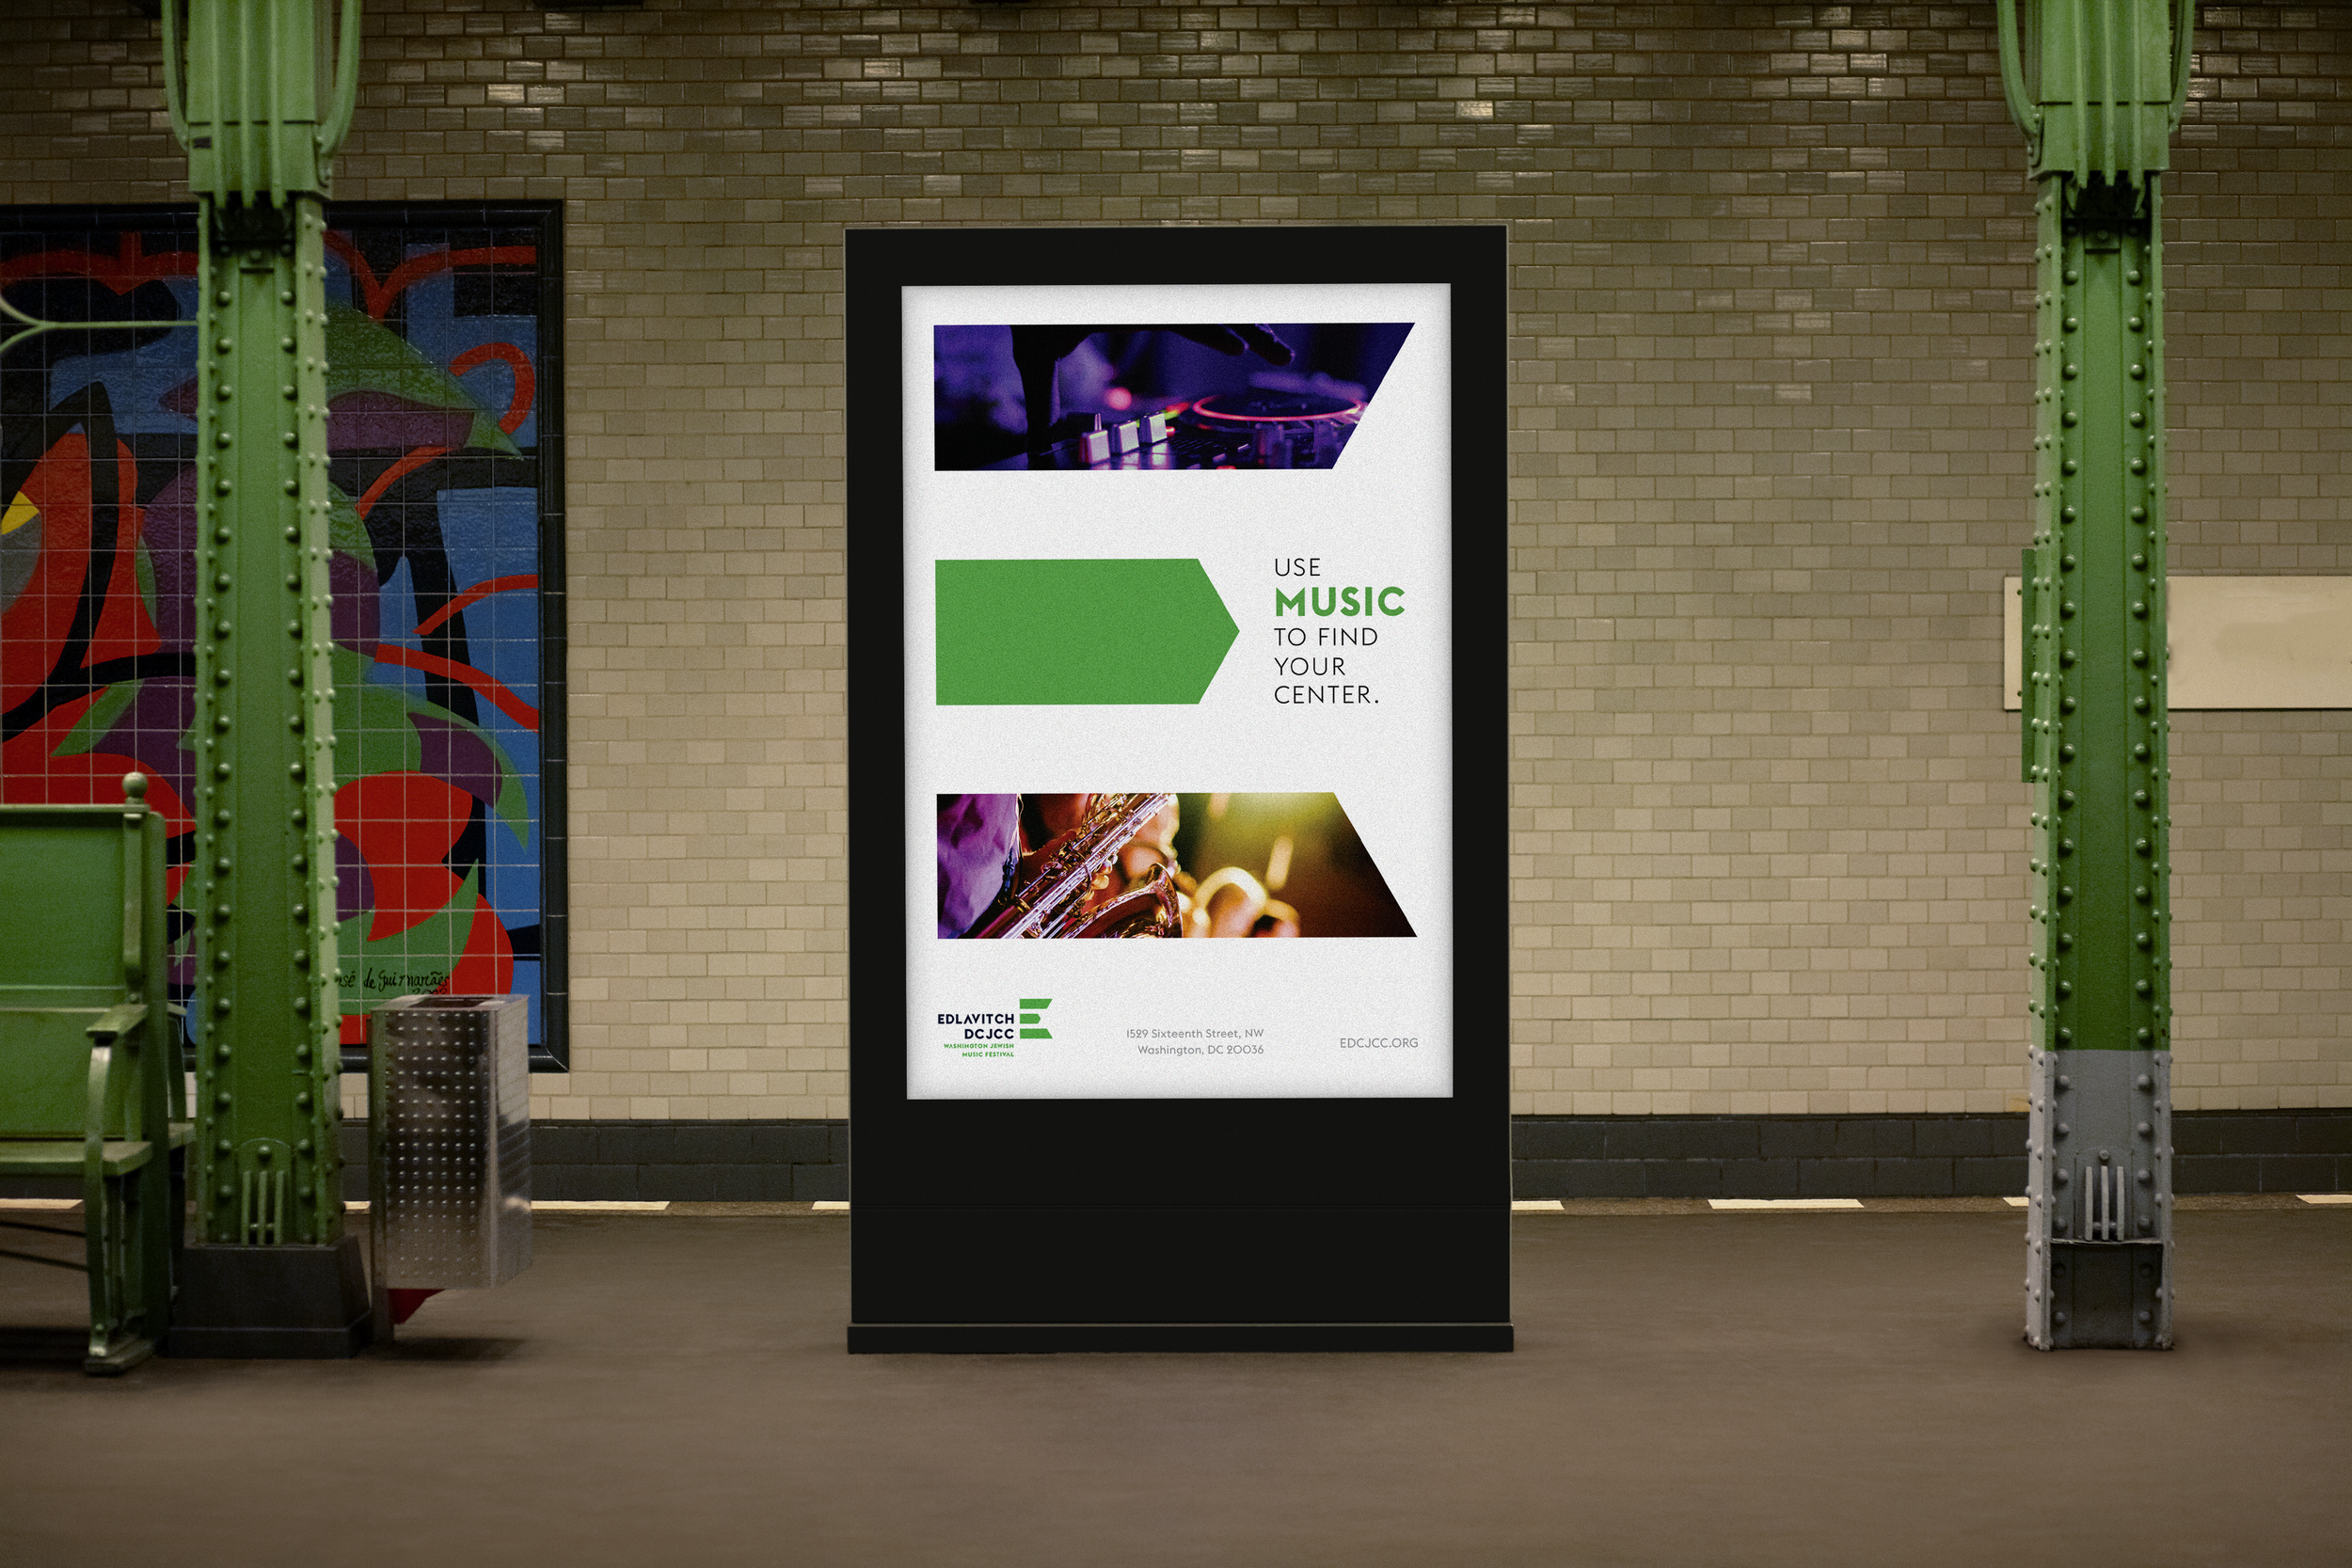 112_metro_station_urban_poster_mockup-1.png